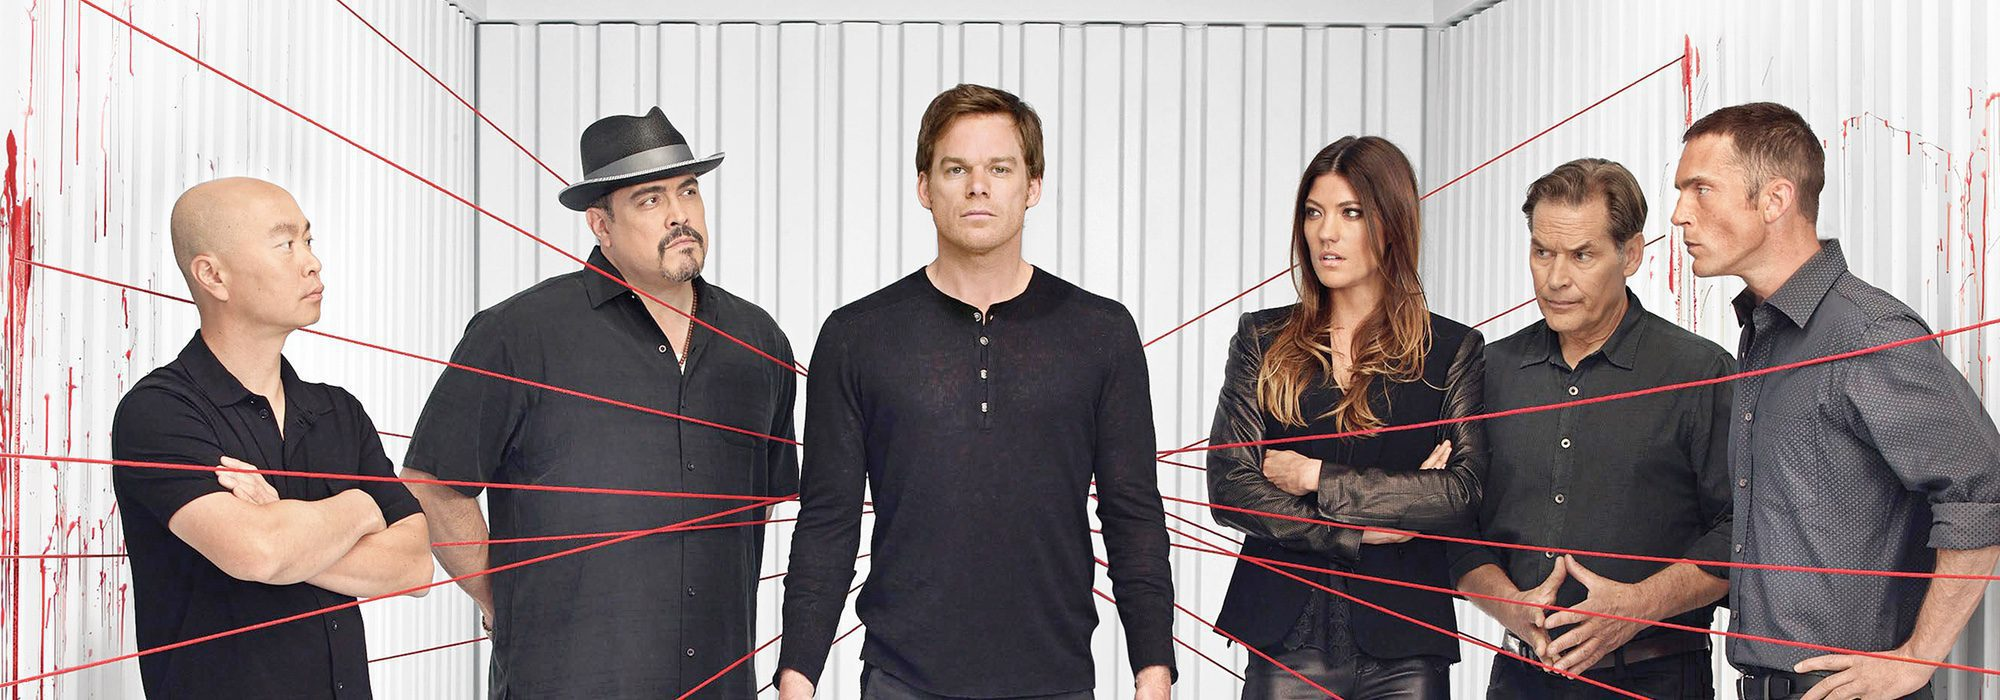 Personajes Dexter. Reparto de actores